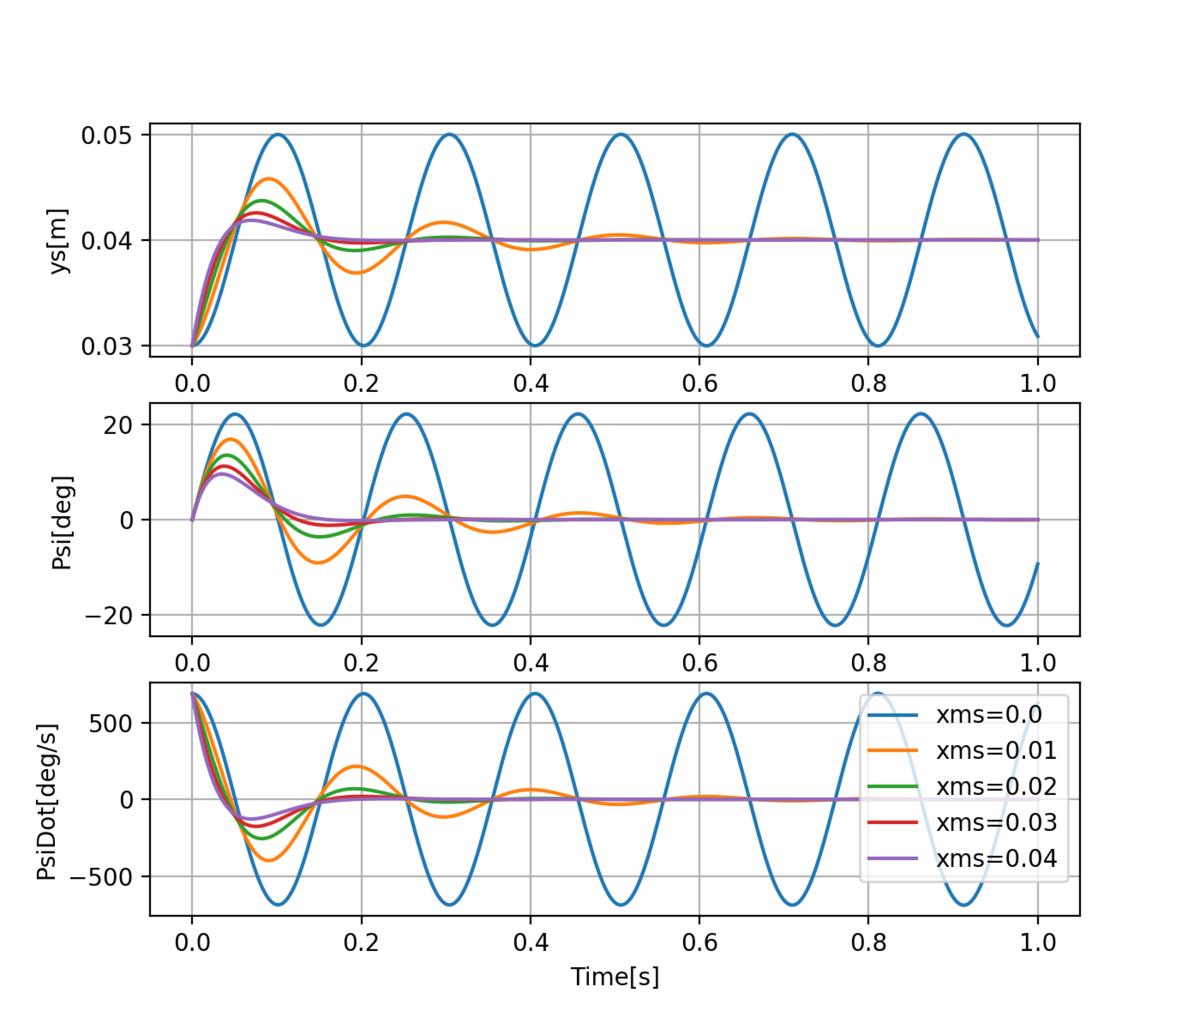 センサの重心からの位置の違いによる挙動の変化